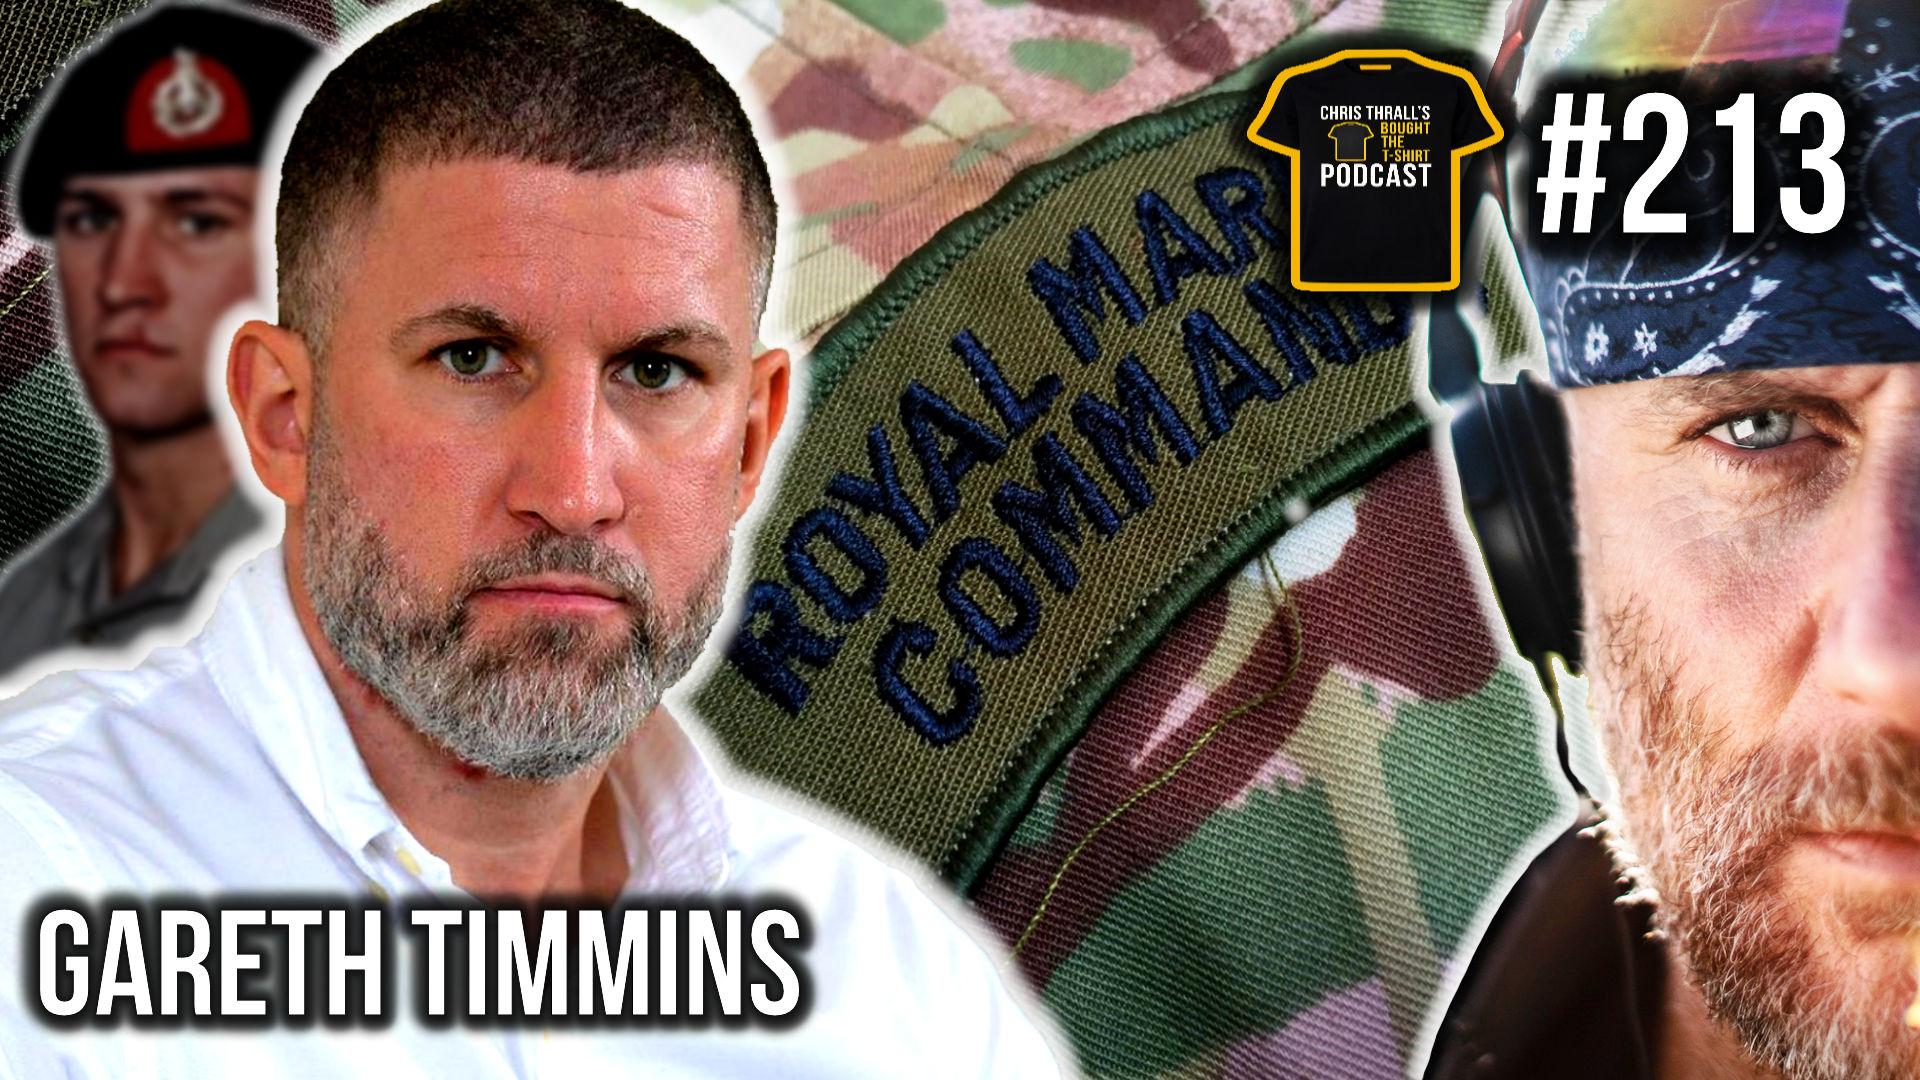 Becoming The 0.1% | Royal Marines | Gareth Timmins | Podcast #213